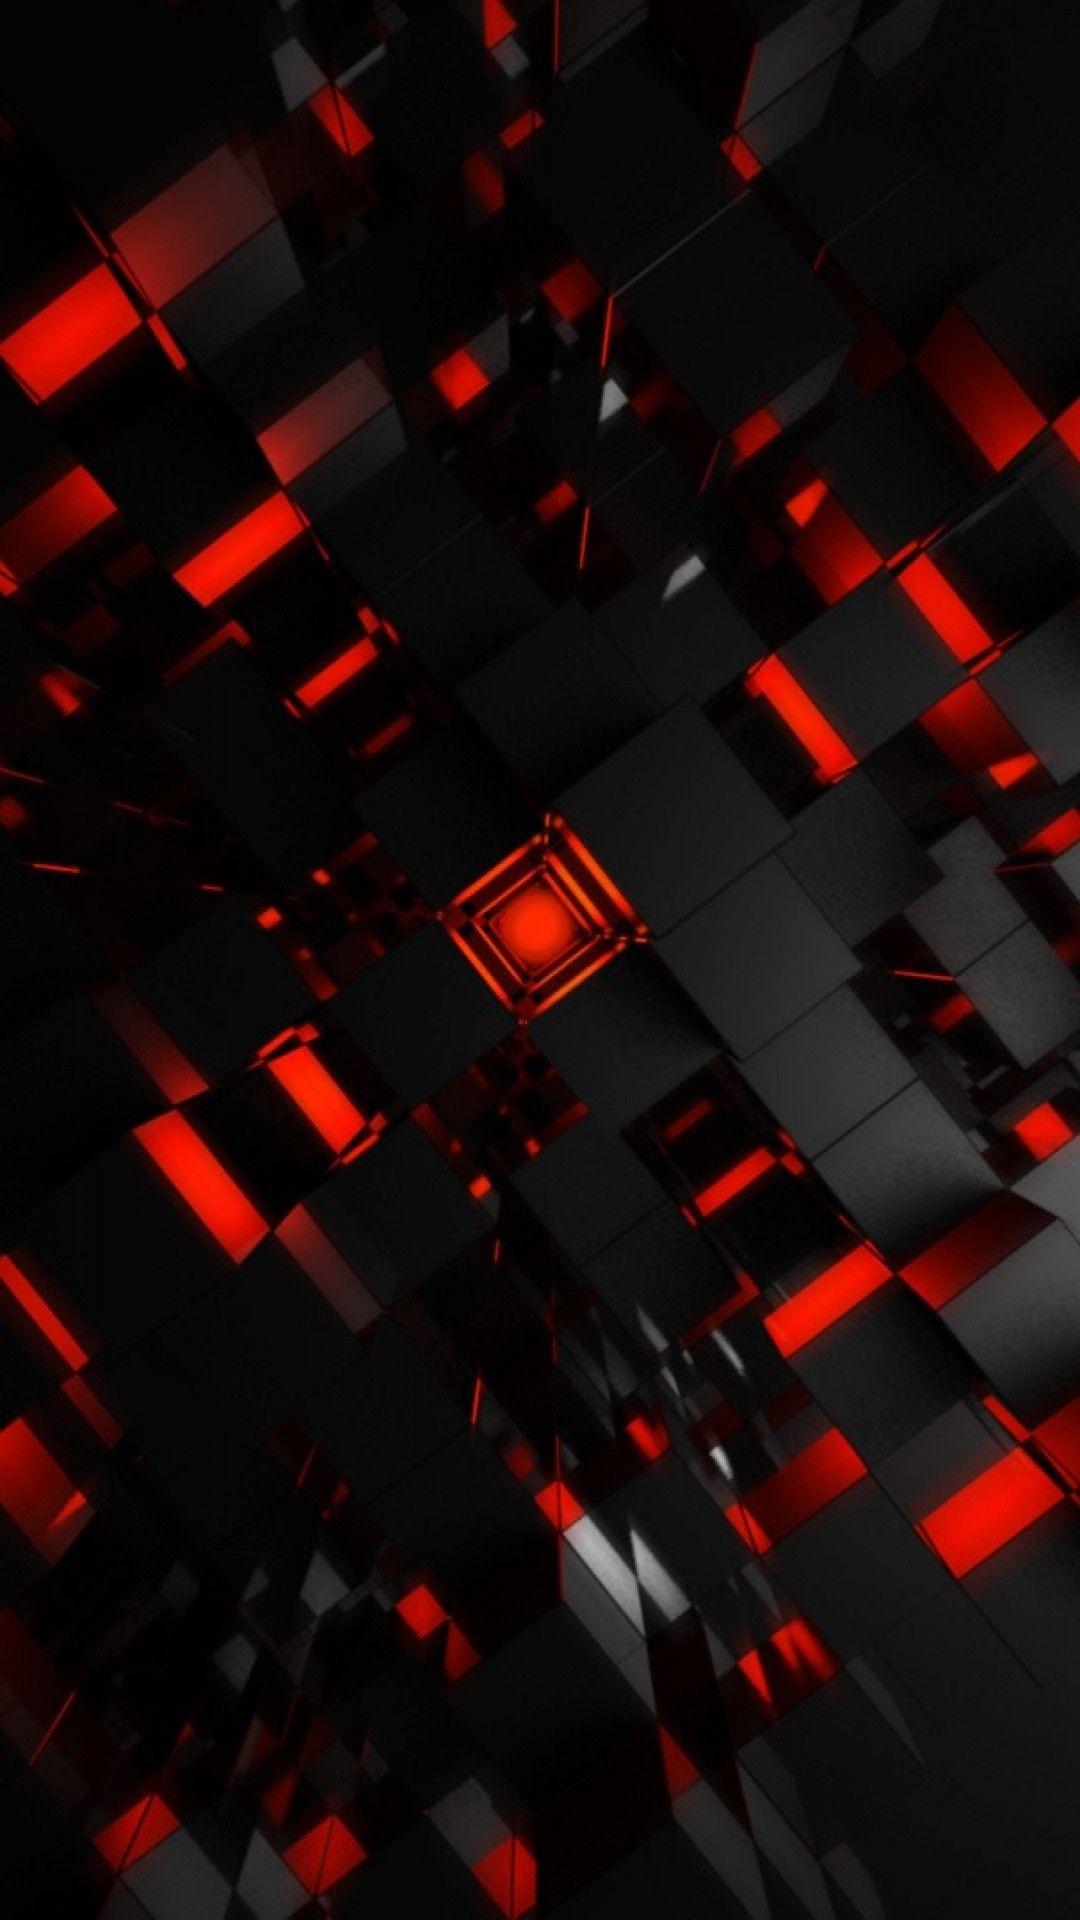 Hình nền đỏ và đen cho điện thoại